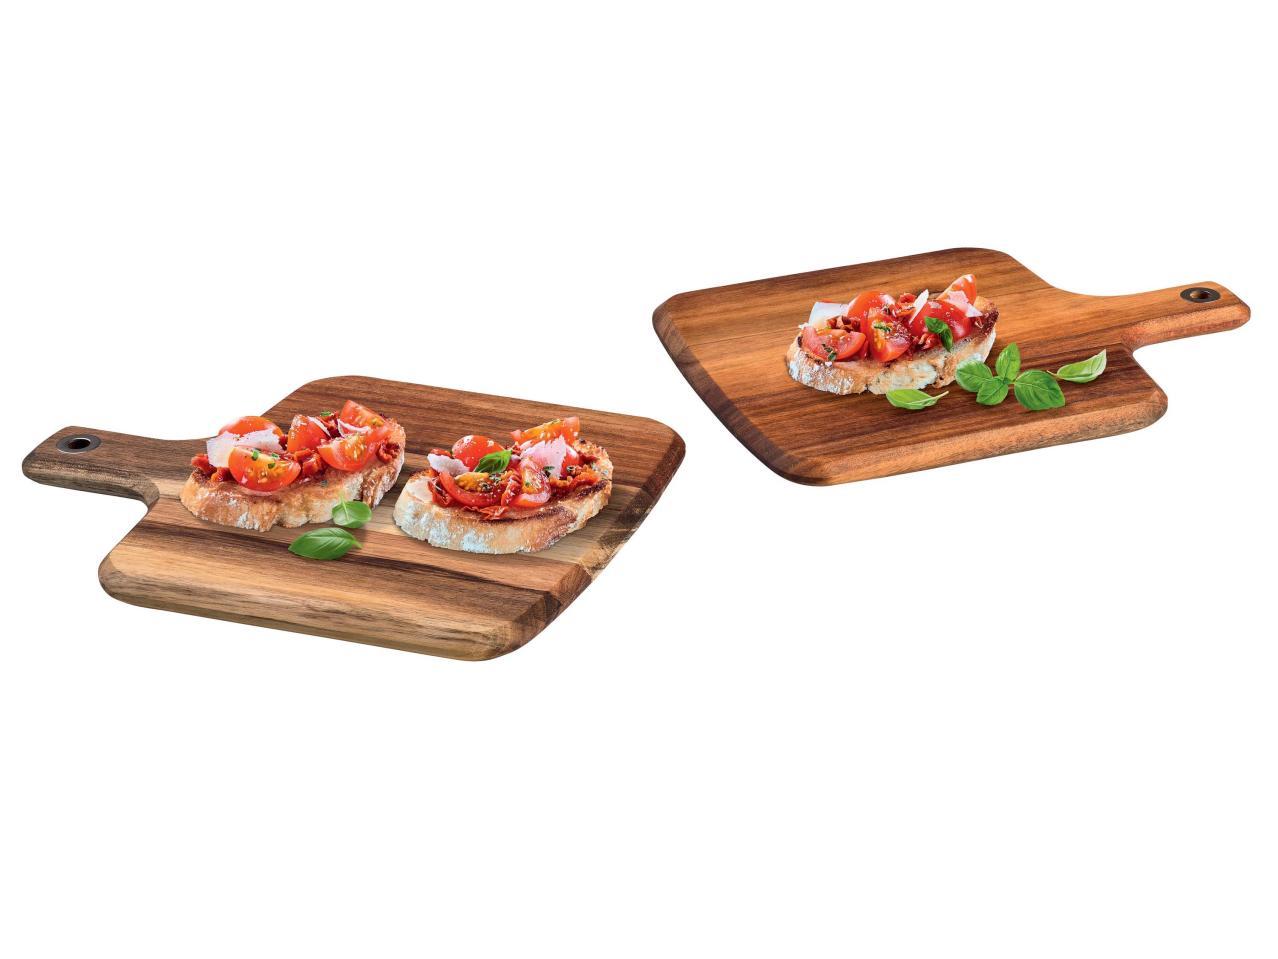 Tagliere da cucina - Lidl — Italia - Archivio offerte promozionali